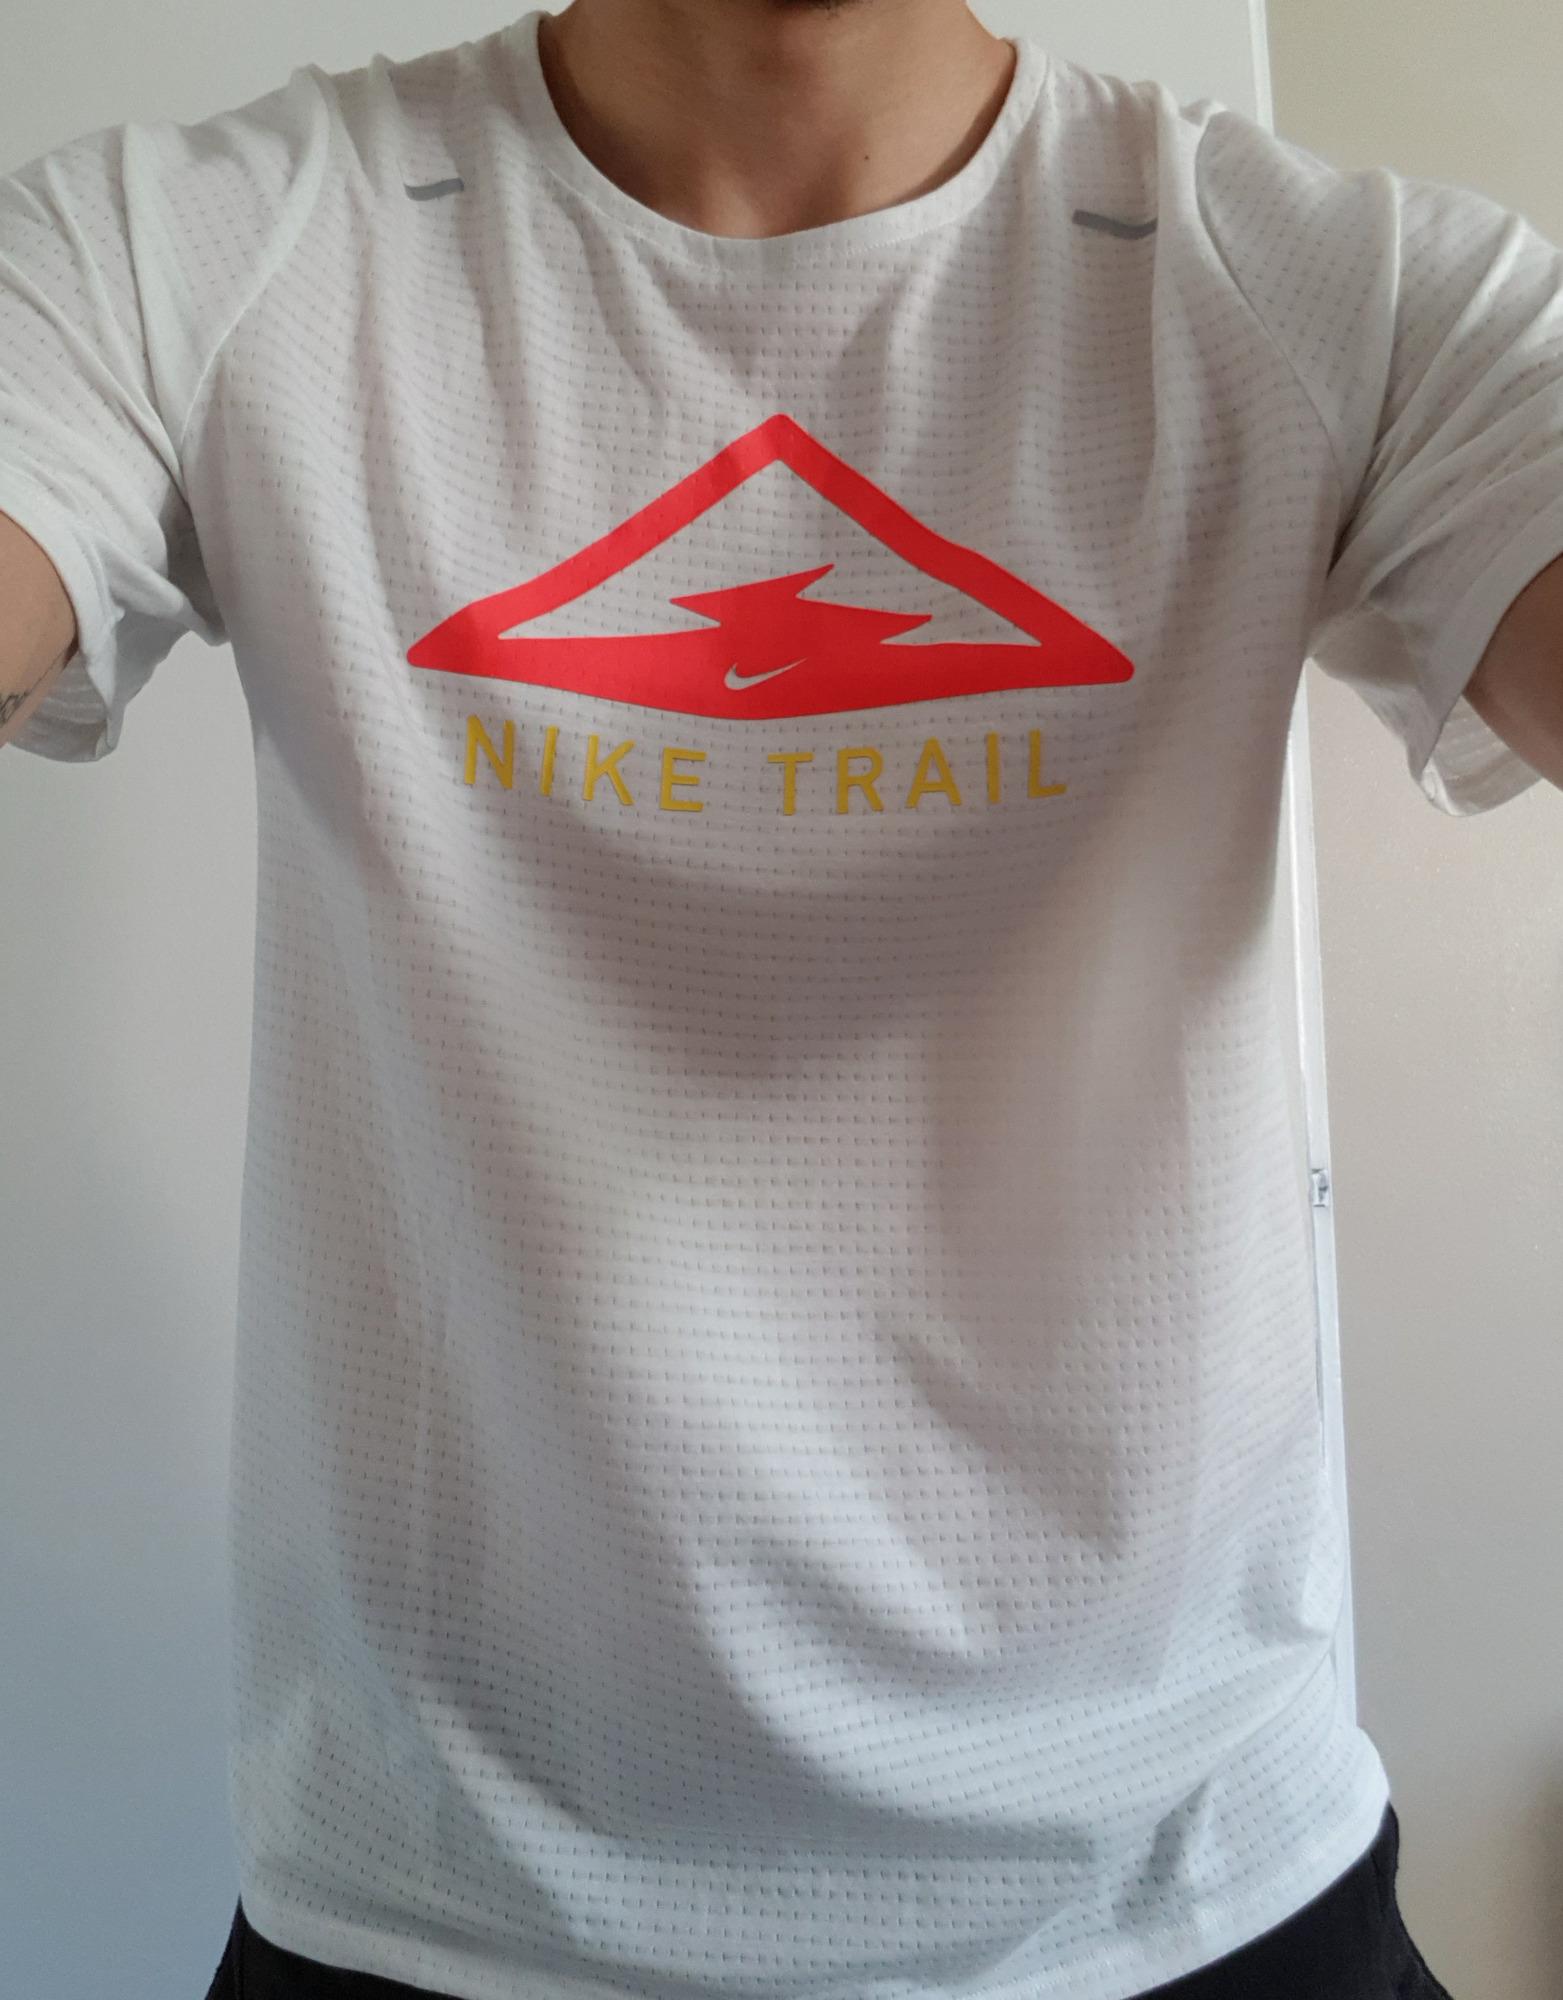 Nike RISE 365 TRAIL